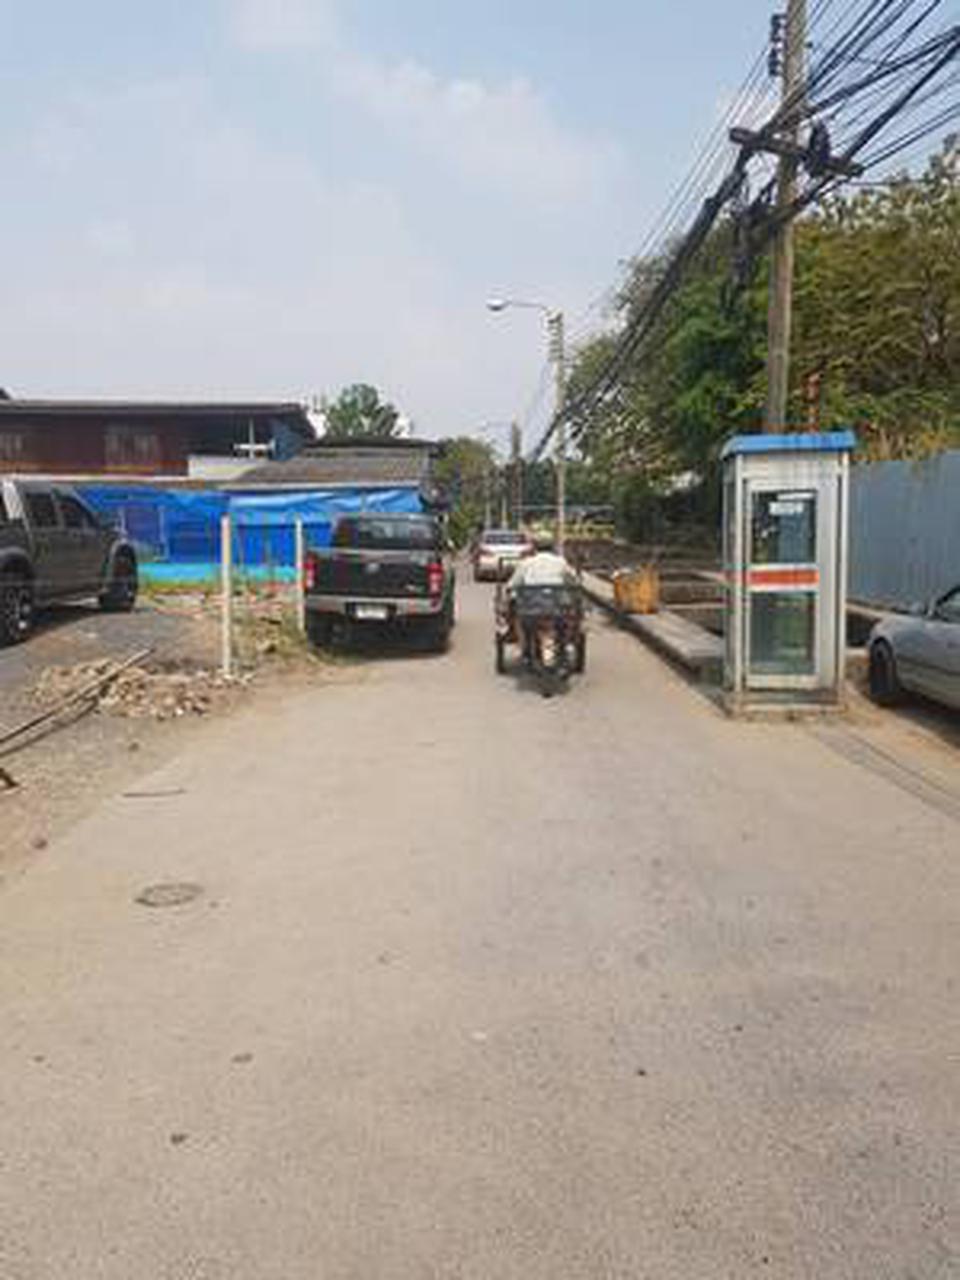 ขายที่ดินเปล่าถมแล้วในถนนสุขุมวิท กรุงเทพมหานคร รูปที่ 6